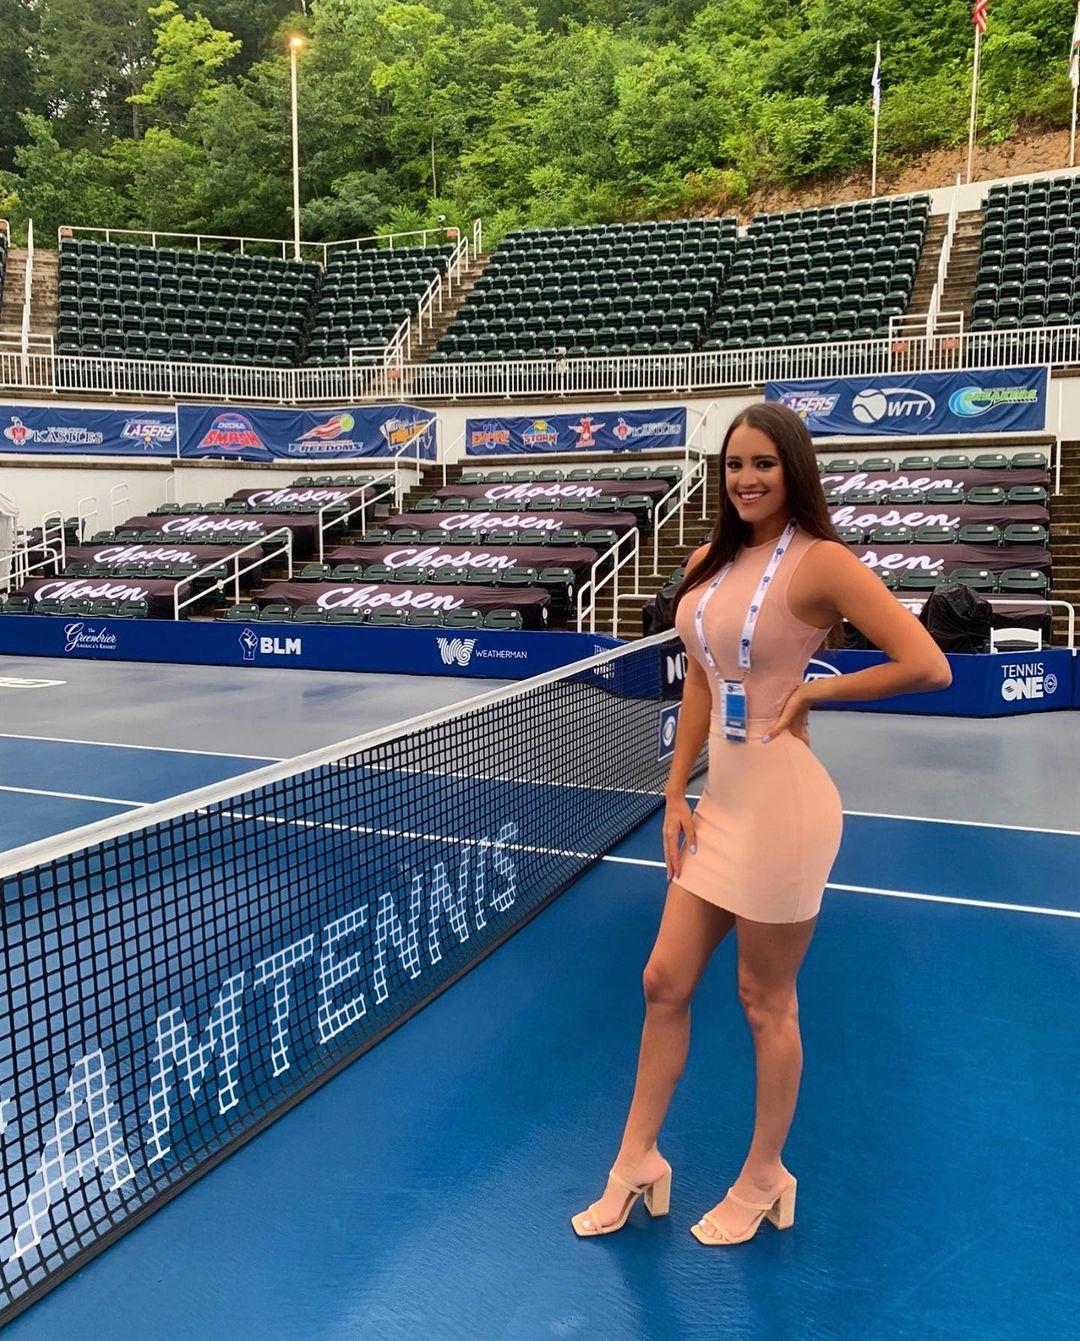 Photo n°2 : L?animatrice de tennis Rachel Stuhlmann fait tourner les têtes à l?US Open!